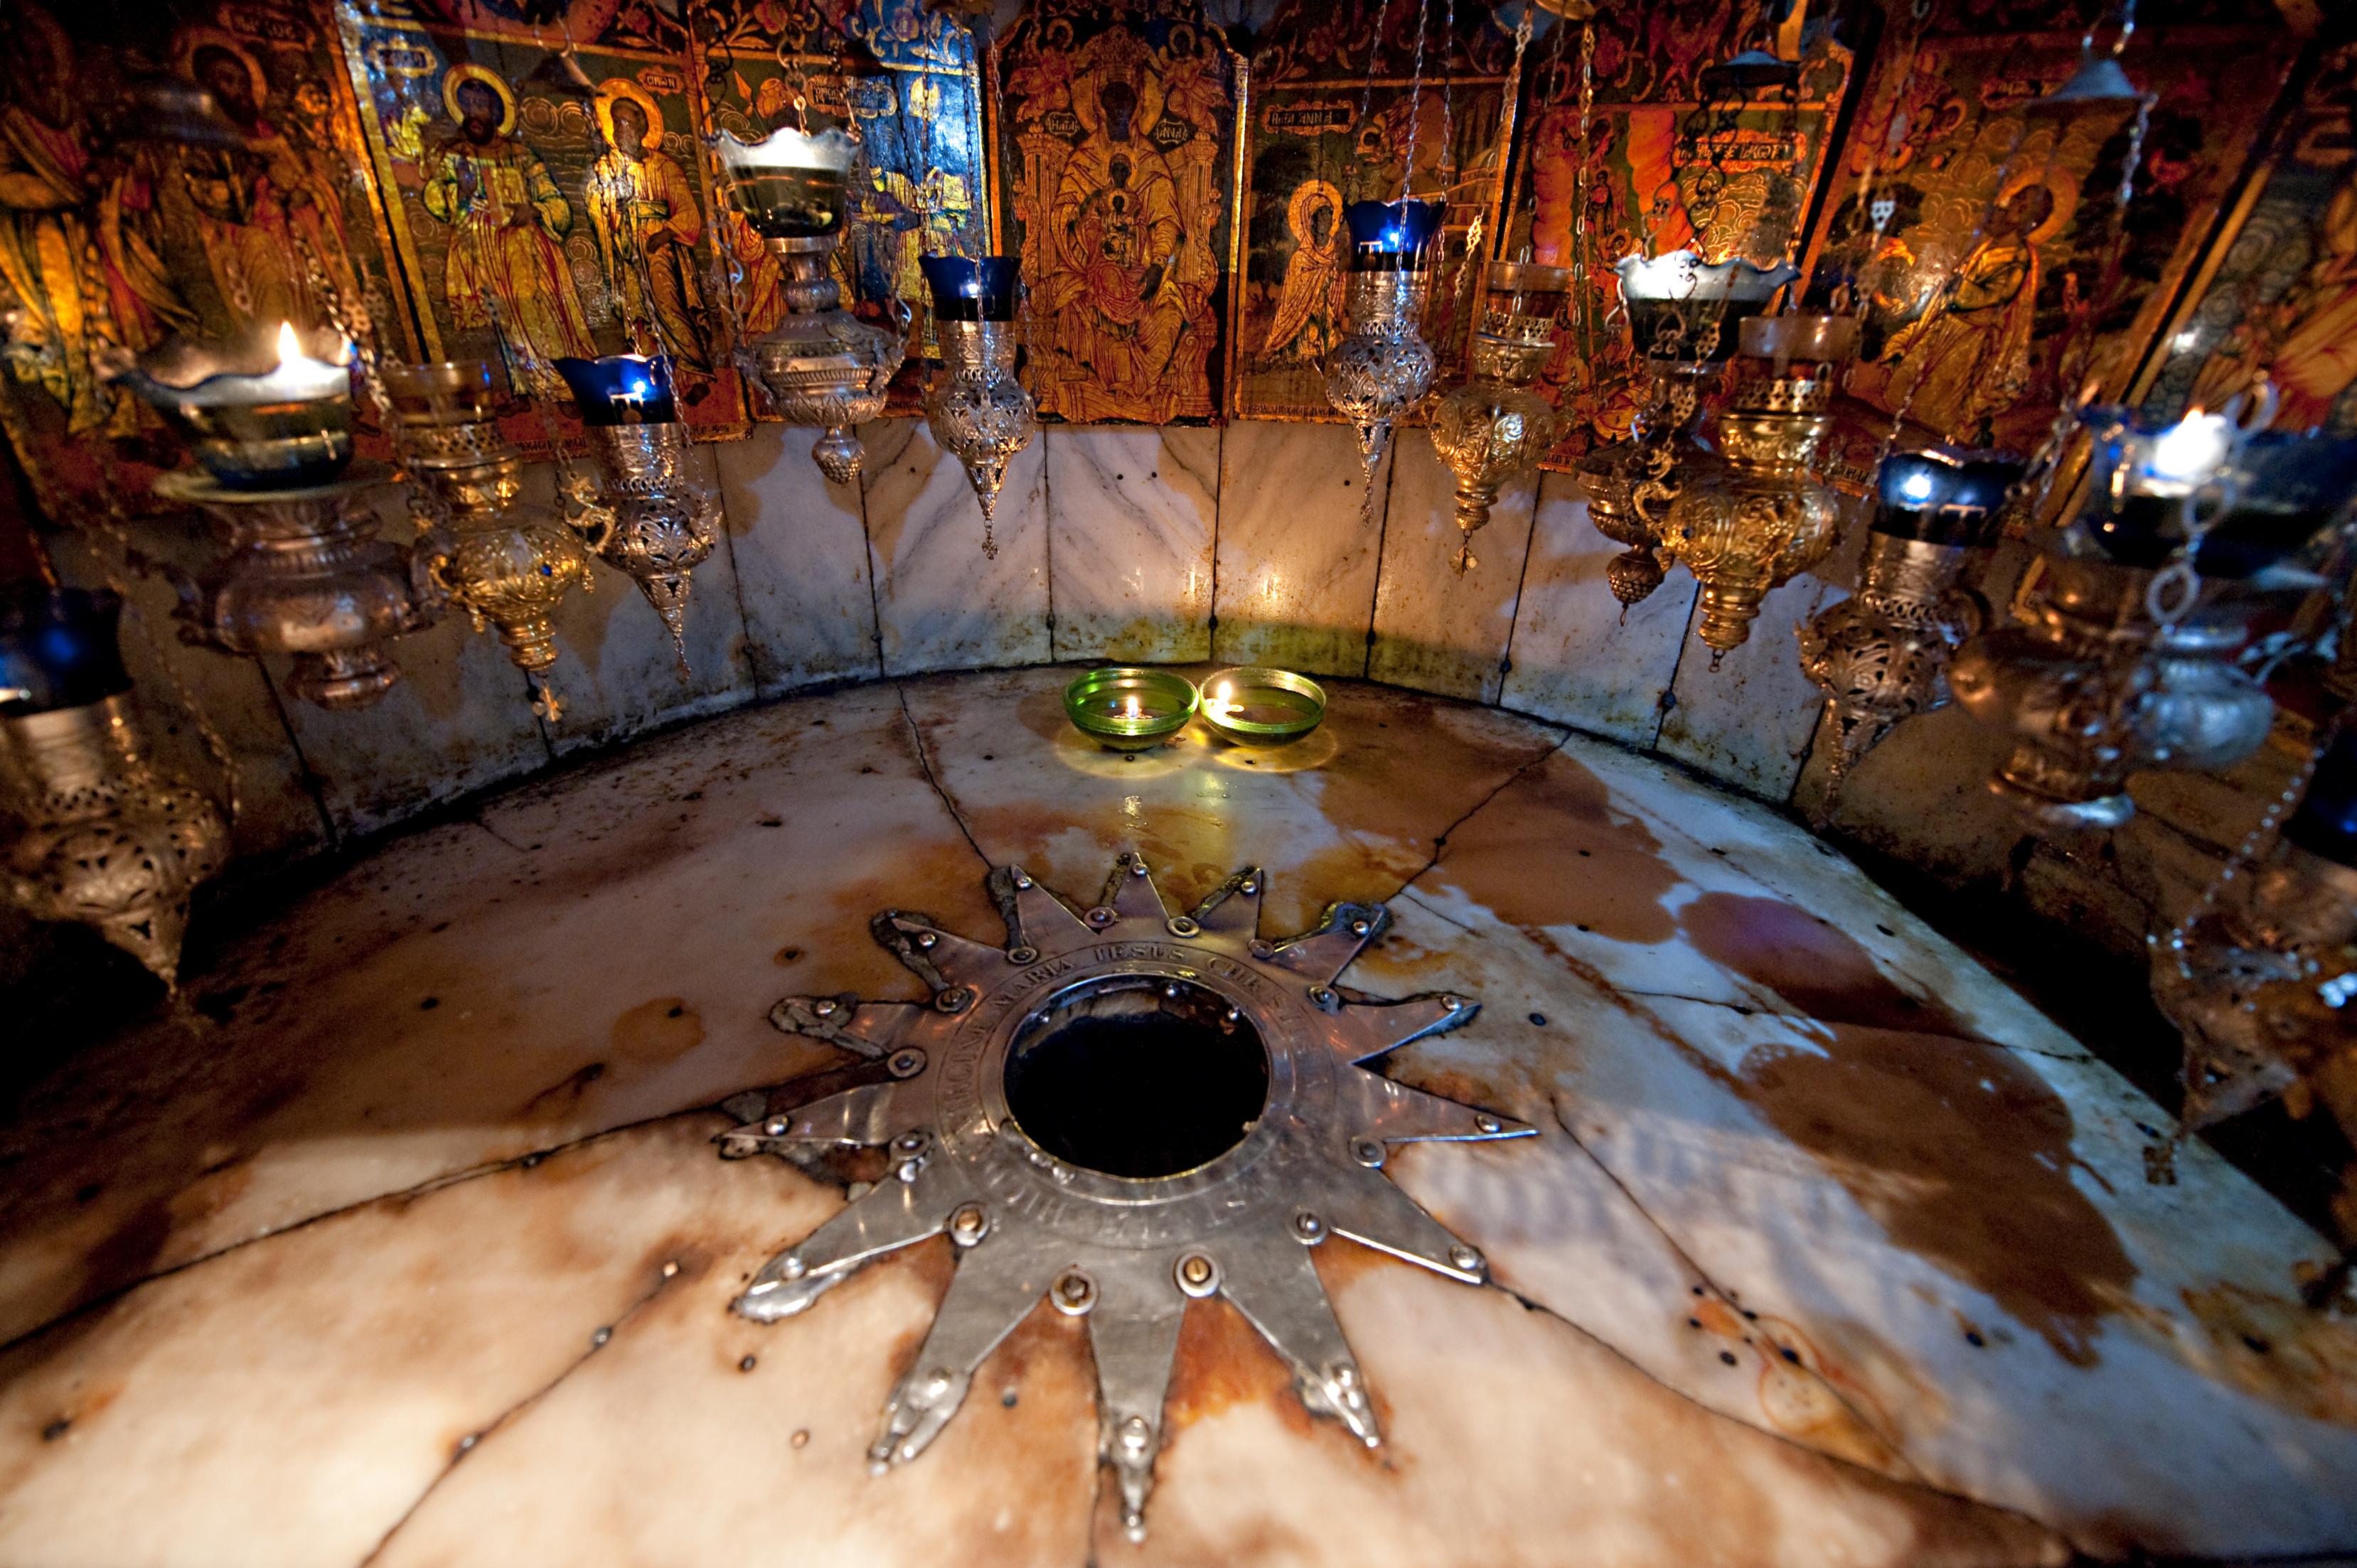 Betlemme_basilica-della-nativita_grotta-della-nativita_foto-fondazione-aquileia